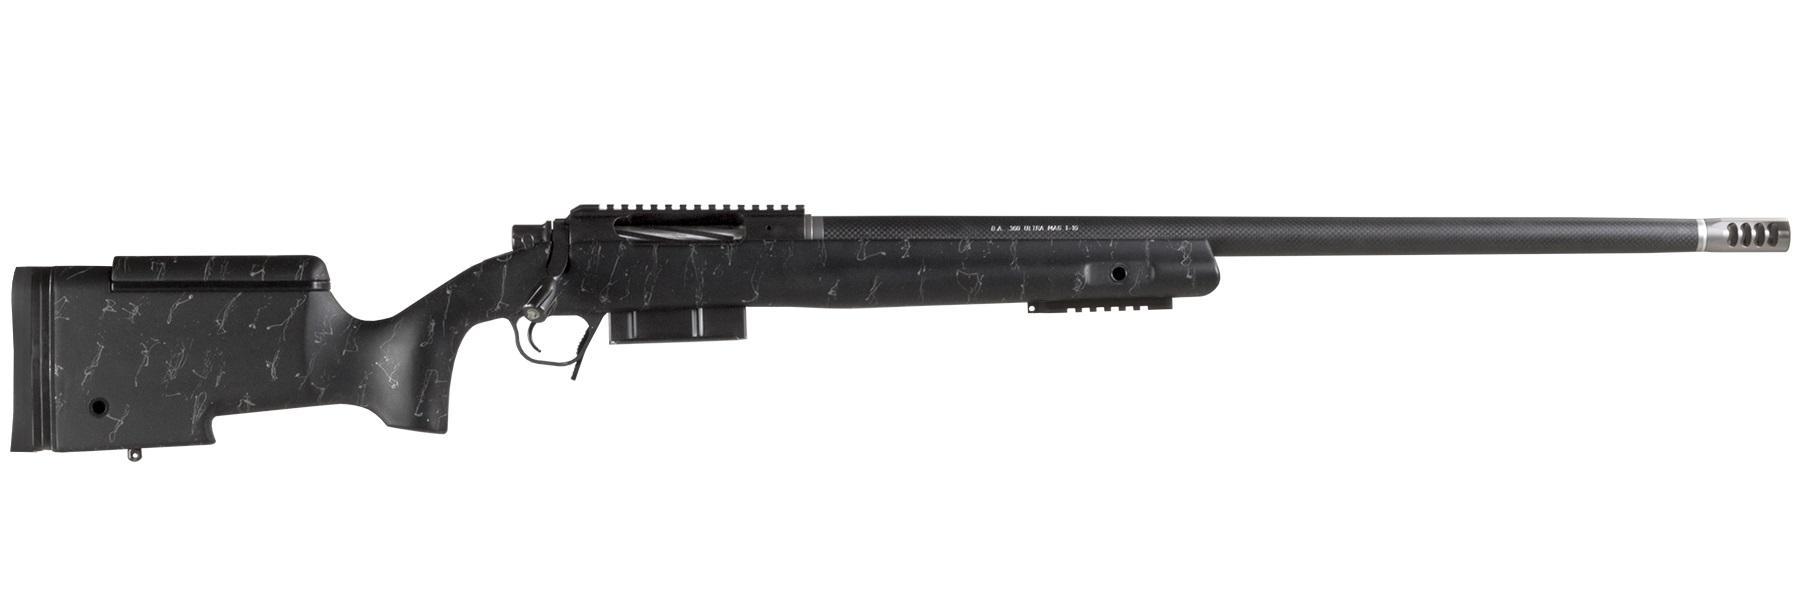 BA TAC 338NORM BLK/GRY 26 TB - CA10270-U85381